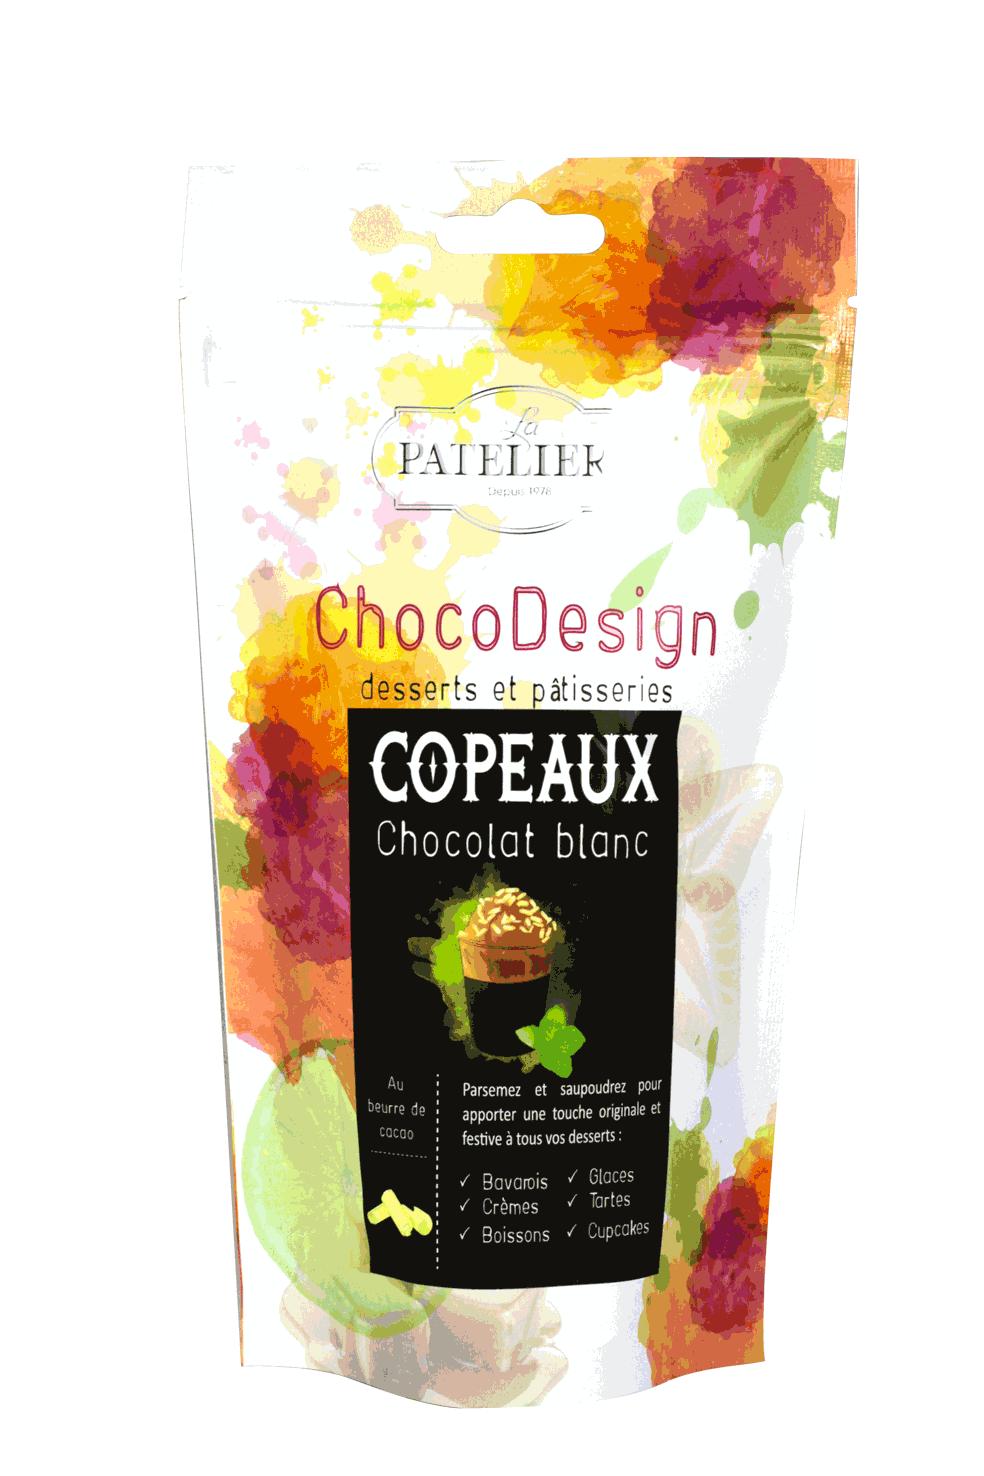 copeaux chocolat à pâtisser blanc chocodesign LA PATELIERE